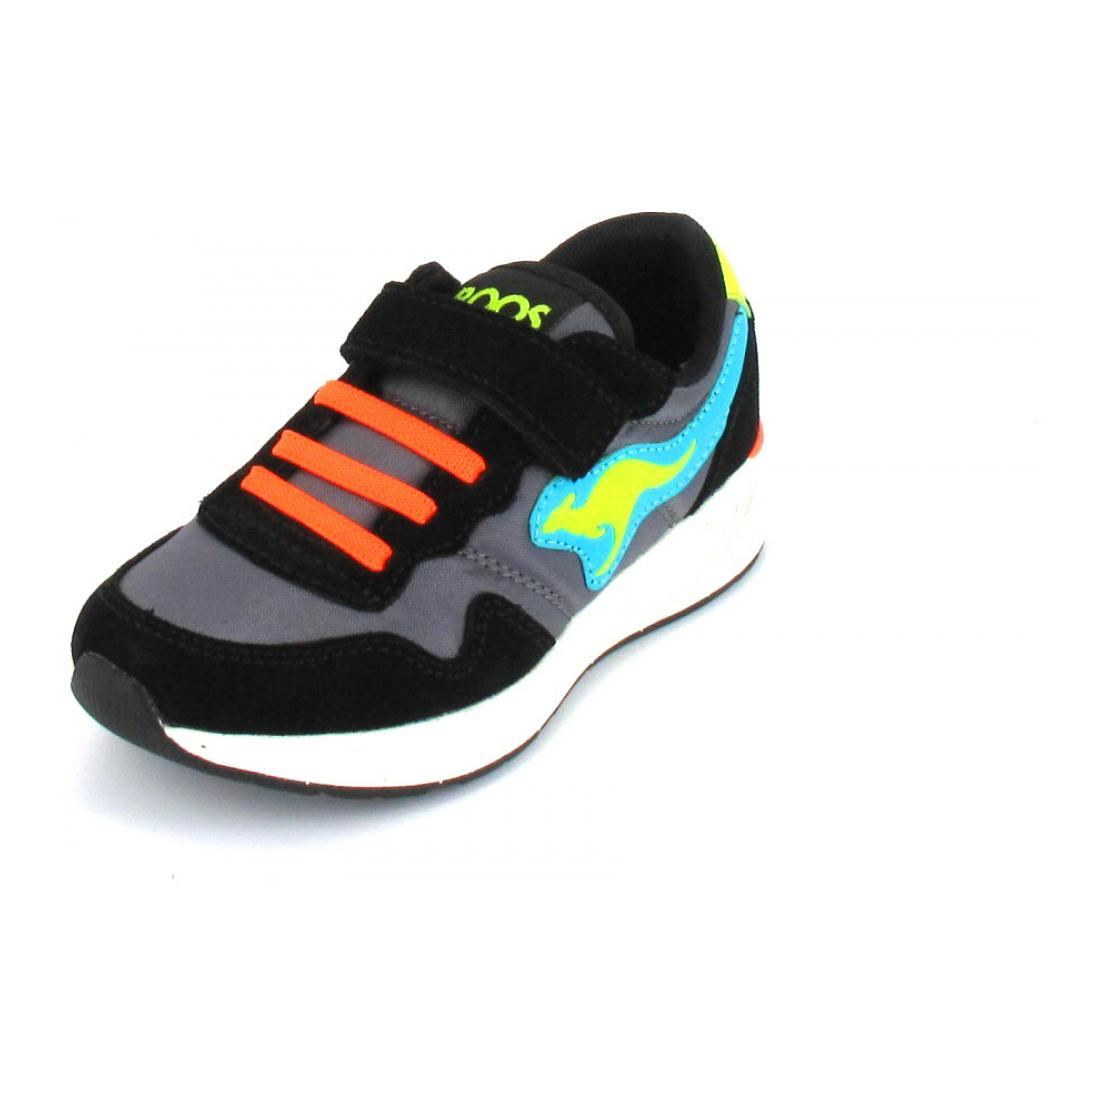 KangaRoos Sneaker Invader RK